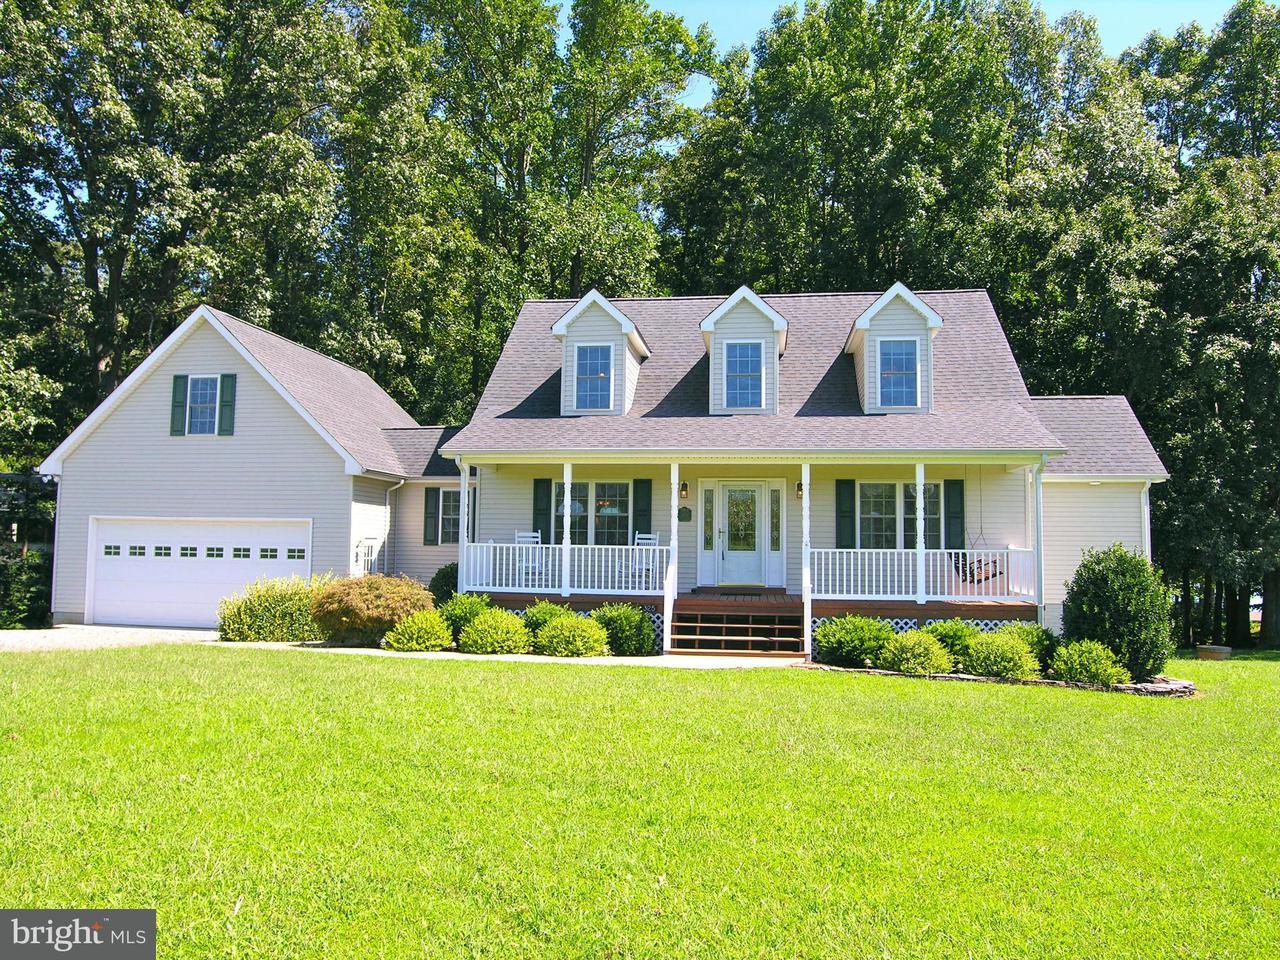 Maison unifamiliale pour l Vente à 325 Randolph Street 325 Randolph Street Mineral, Virginia 23117 États-Unis